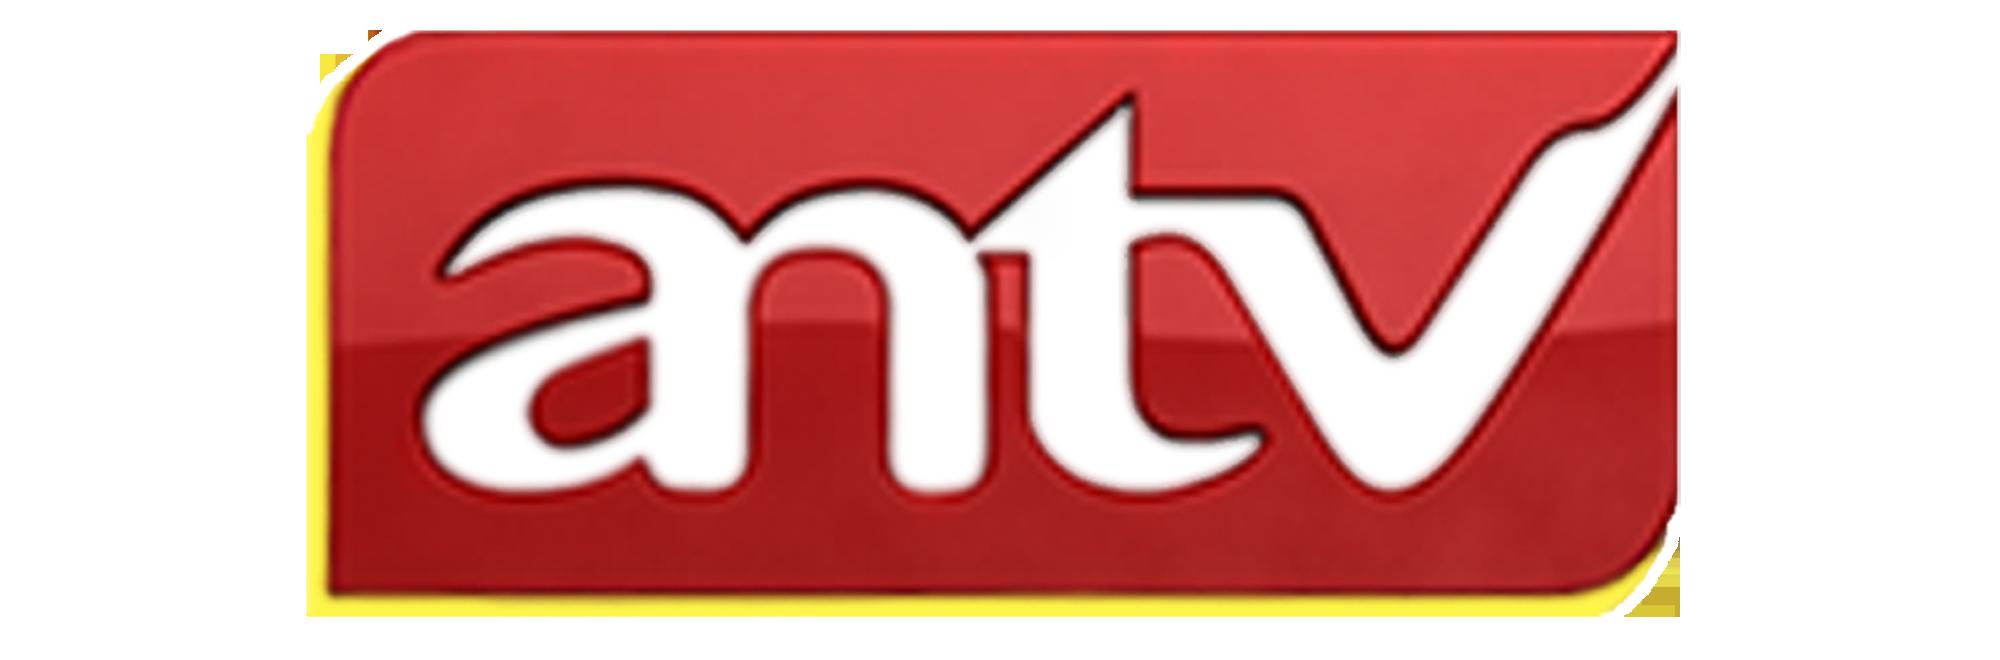 ANTV TV ONLINE